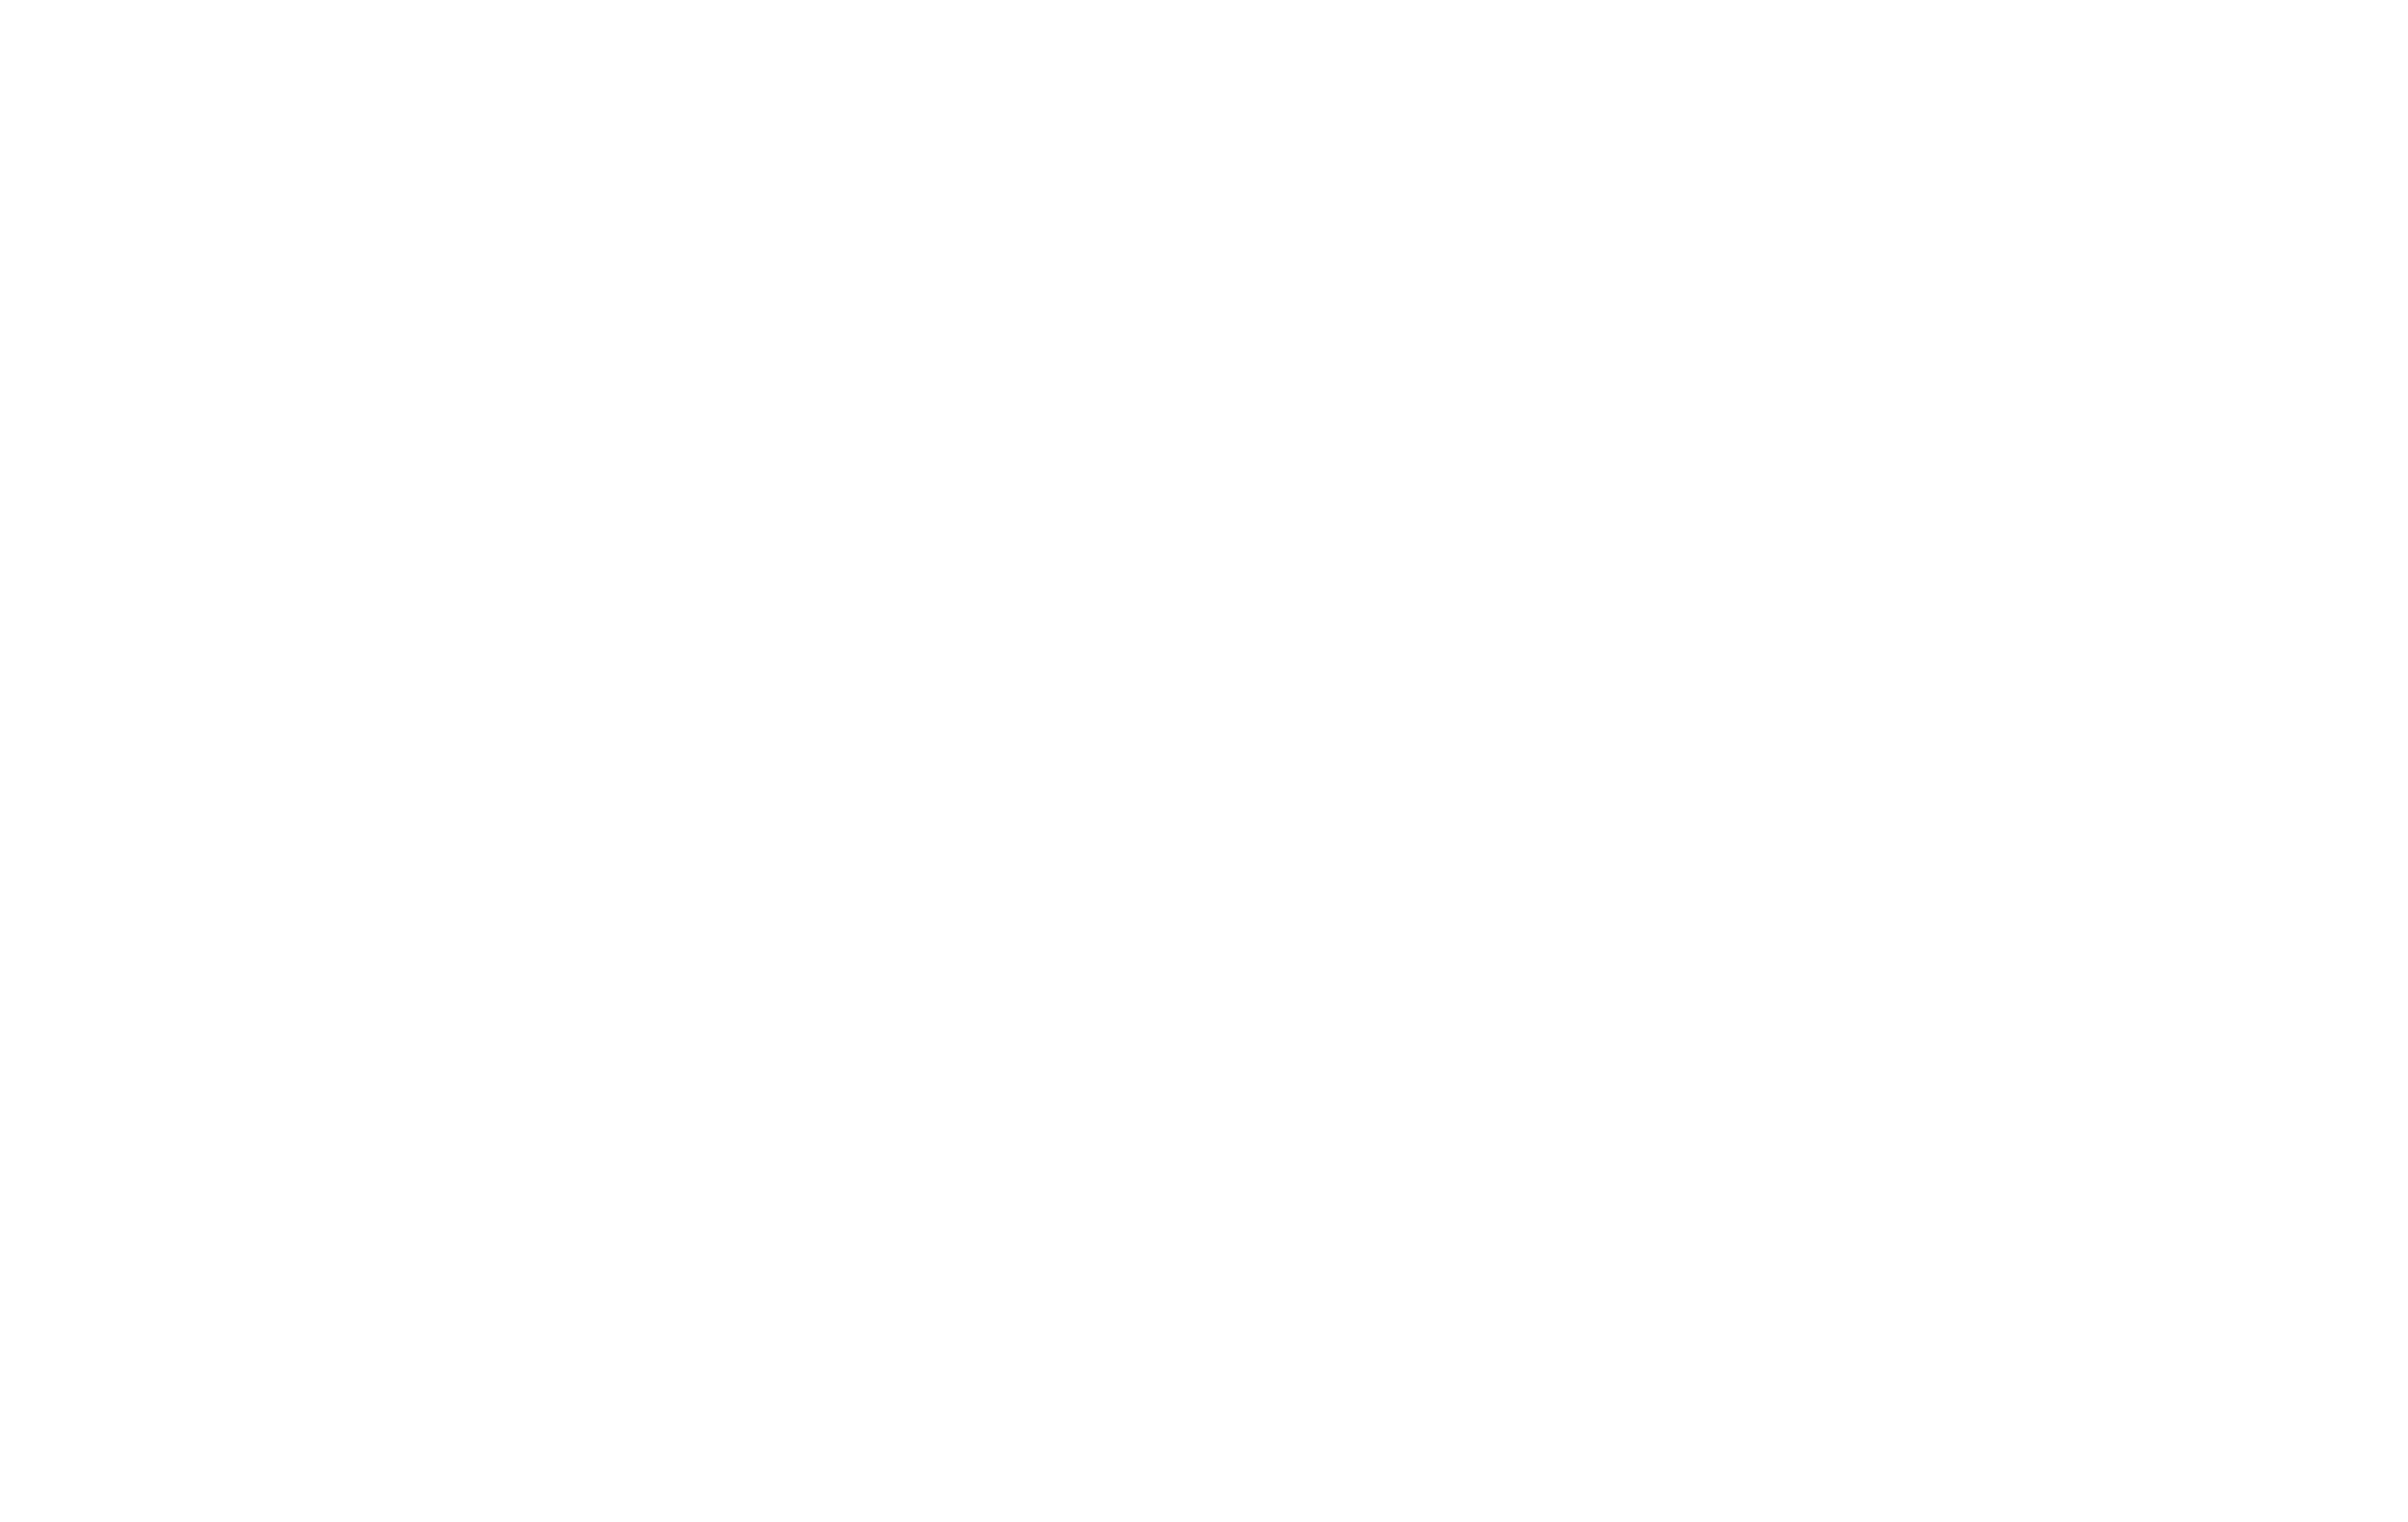 Derma-Aesthetic & Laser Center